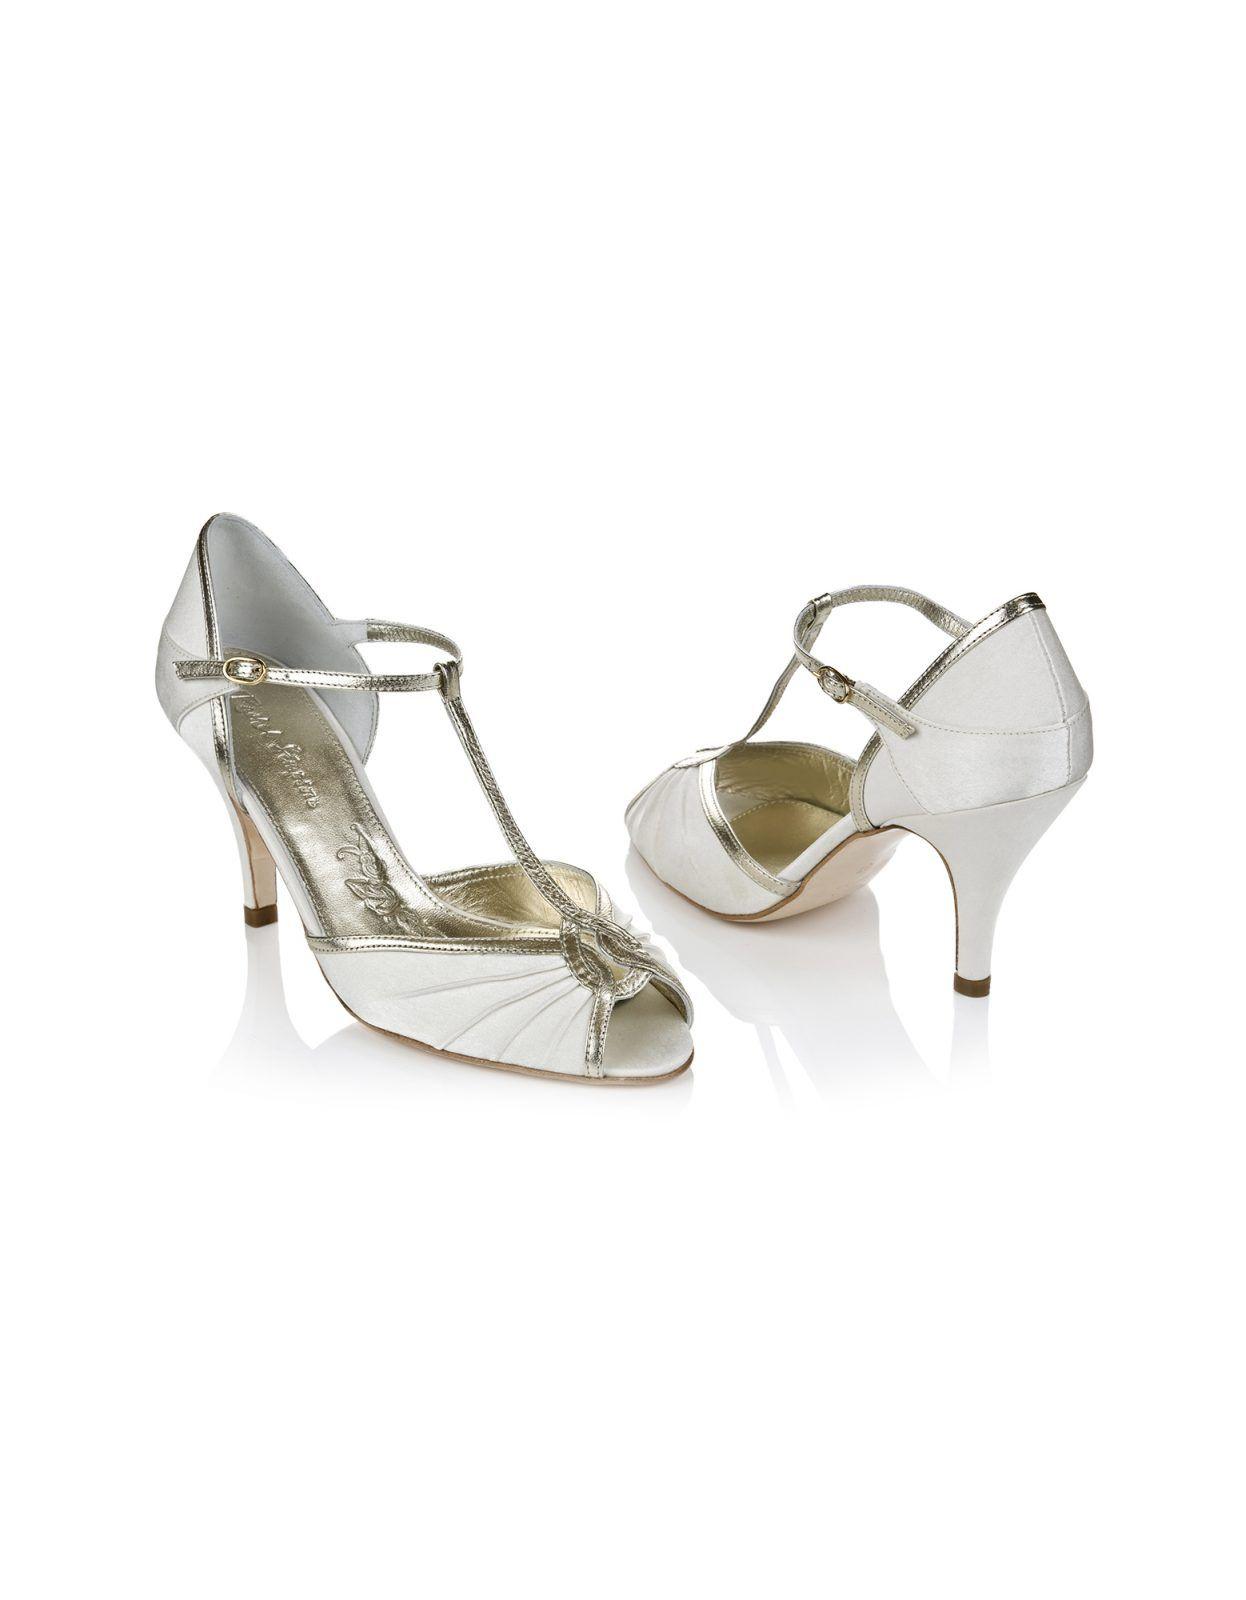 Mimi Ivory Satin T Bar Wedding Shoes Rachel Simpson